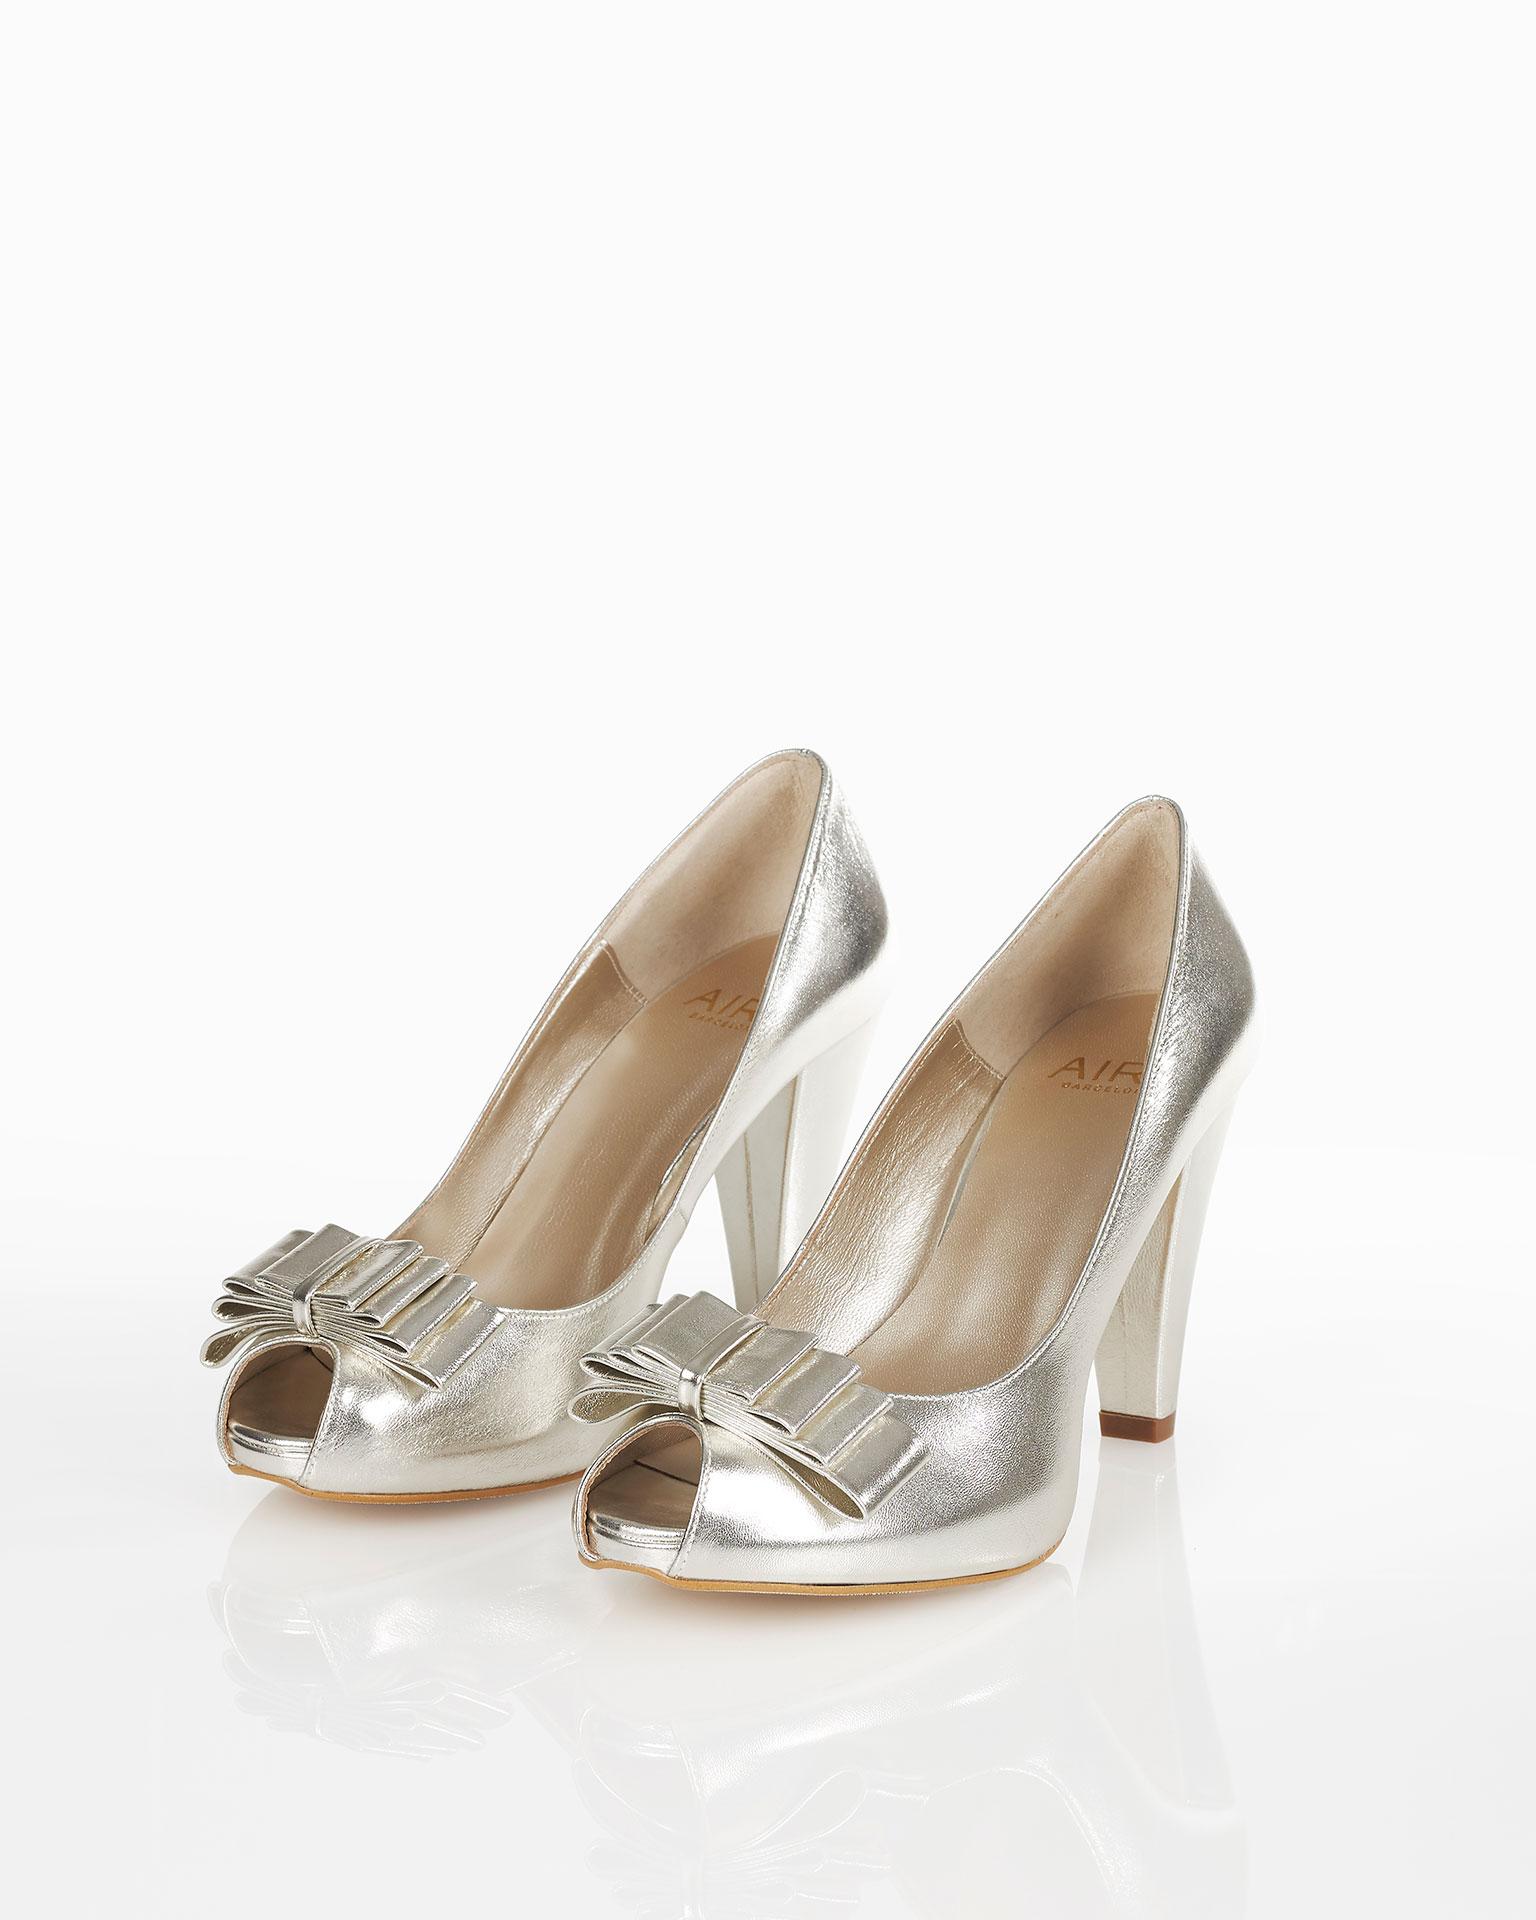 Sapato de pele com salto de 85 mm. Disponível em dourado e cor das dunas. Coleção FIESTA AIRE BARCELONA 2019.